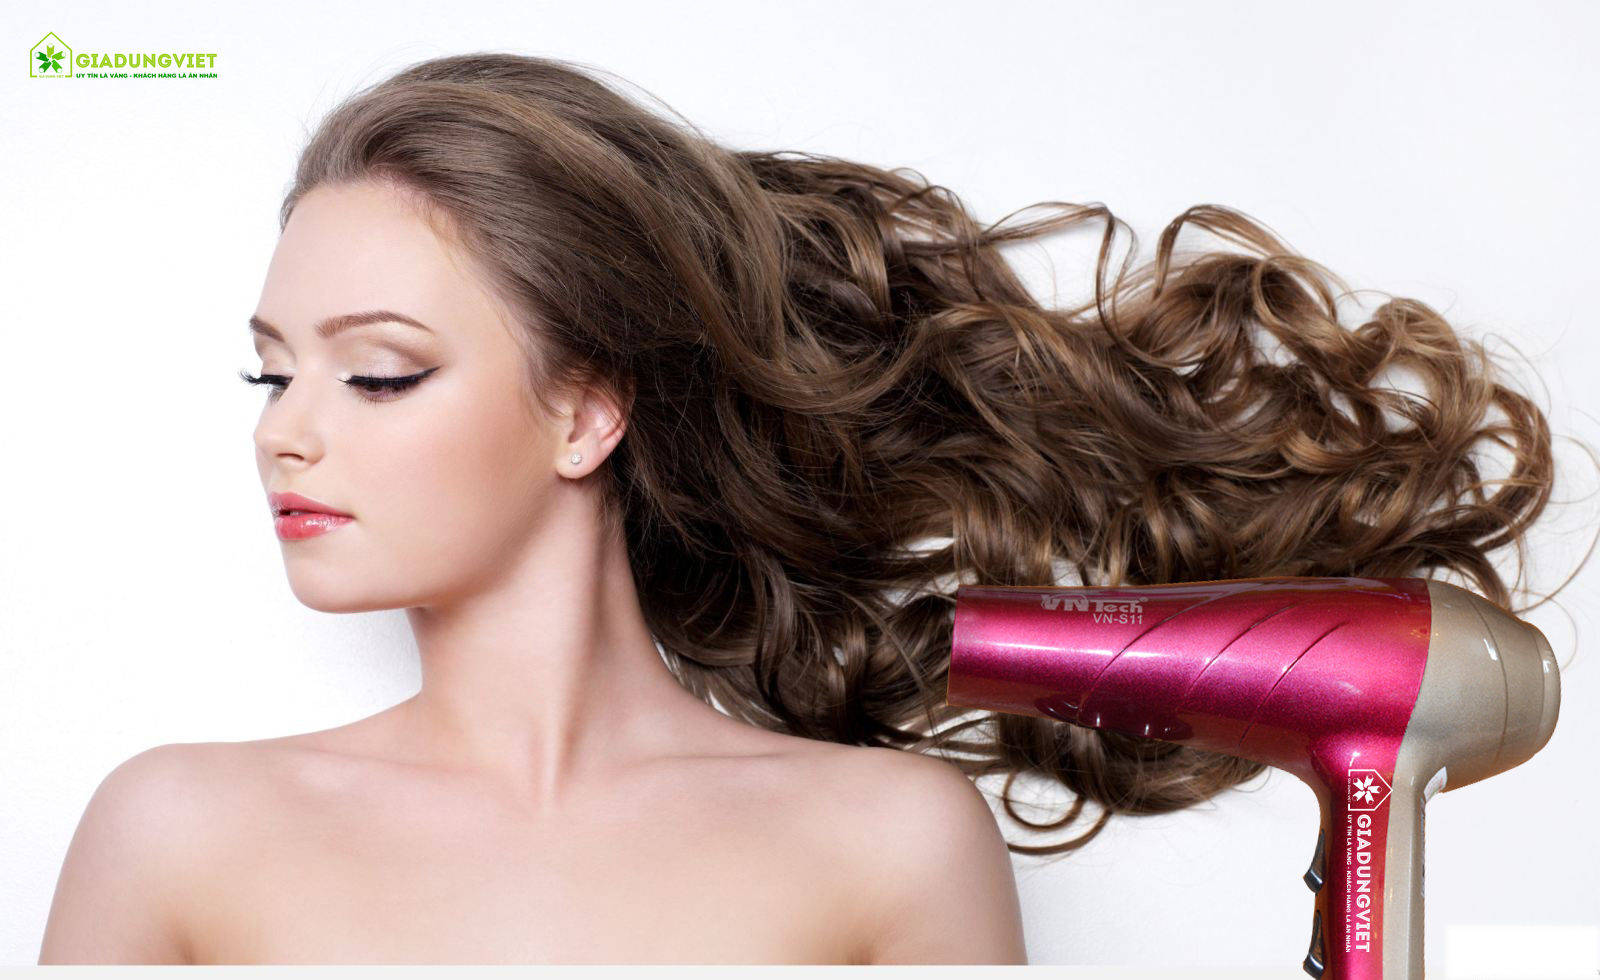 Máy sấy tóc Vntech VN-S11 tóc đẹp